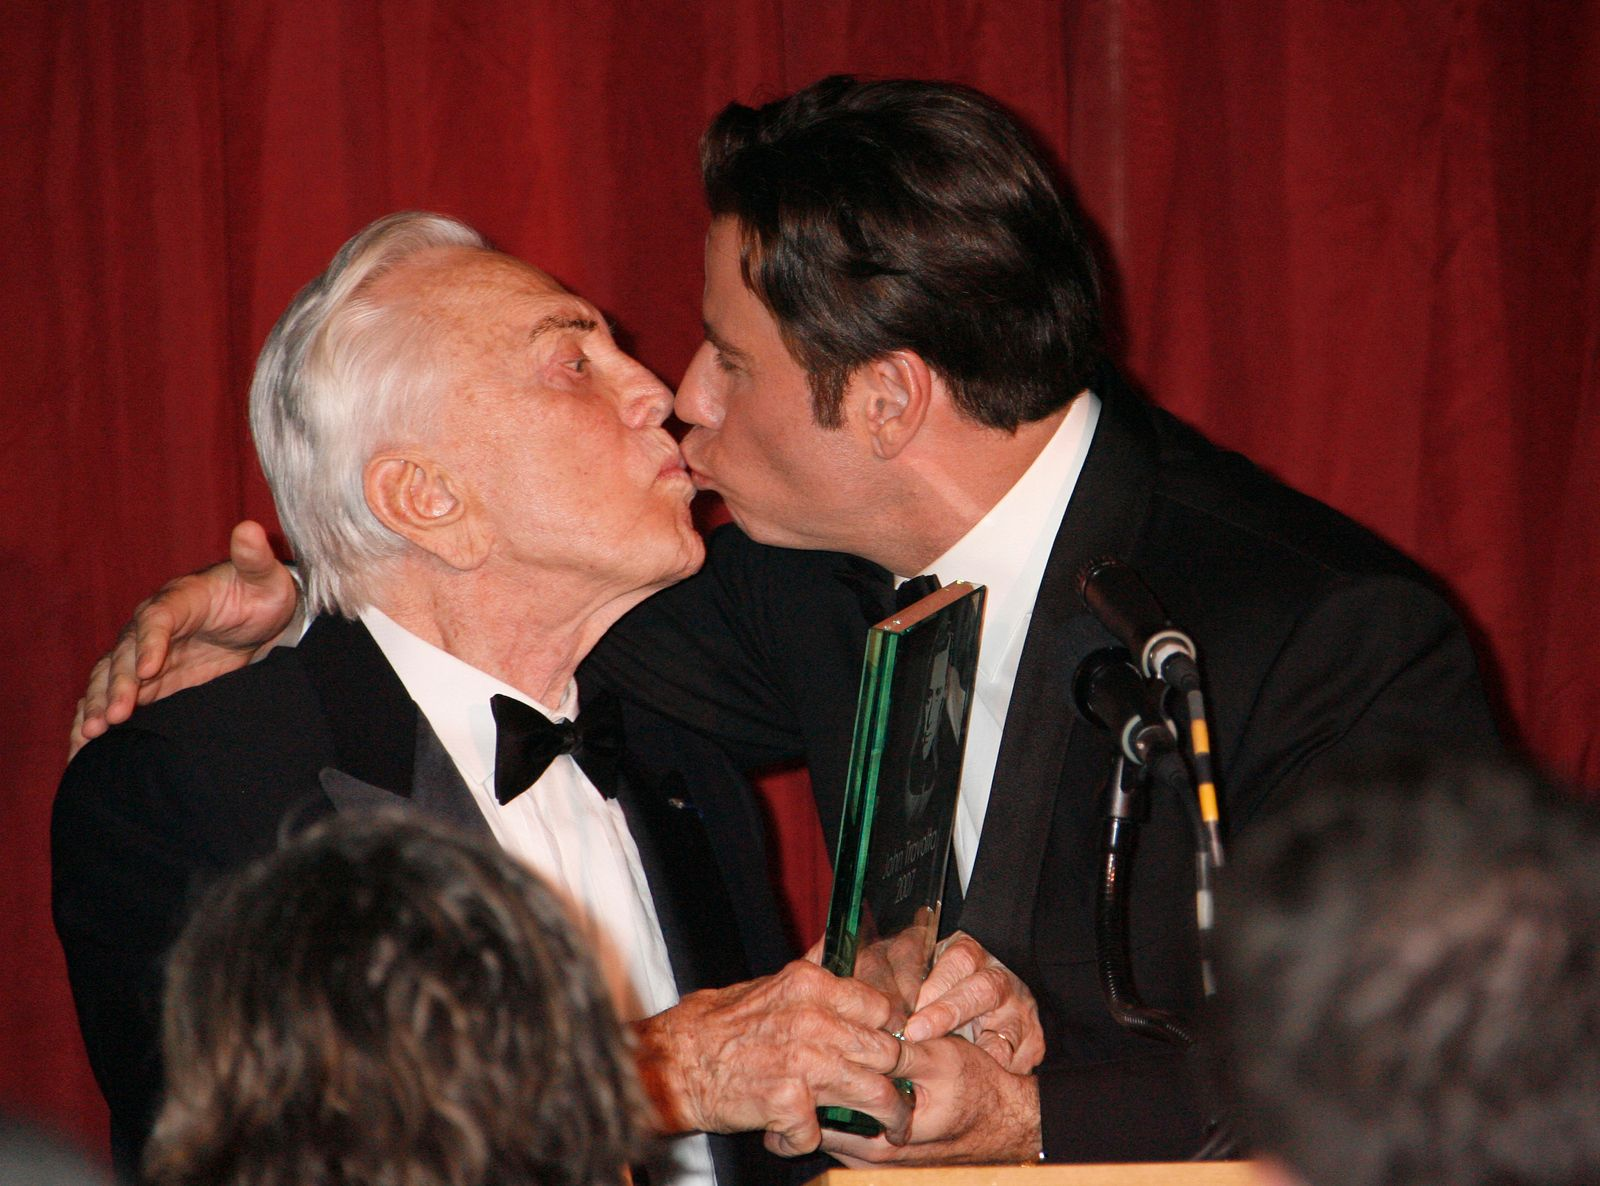 Kirk Douglas, John Travolta